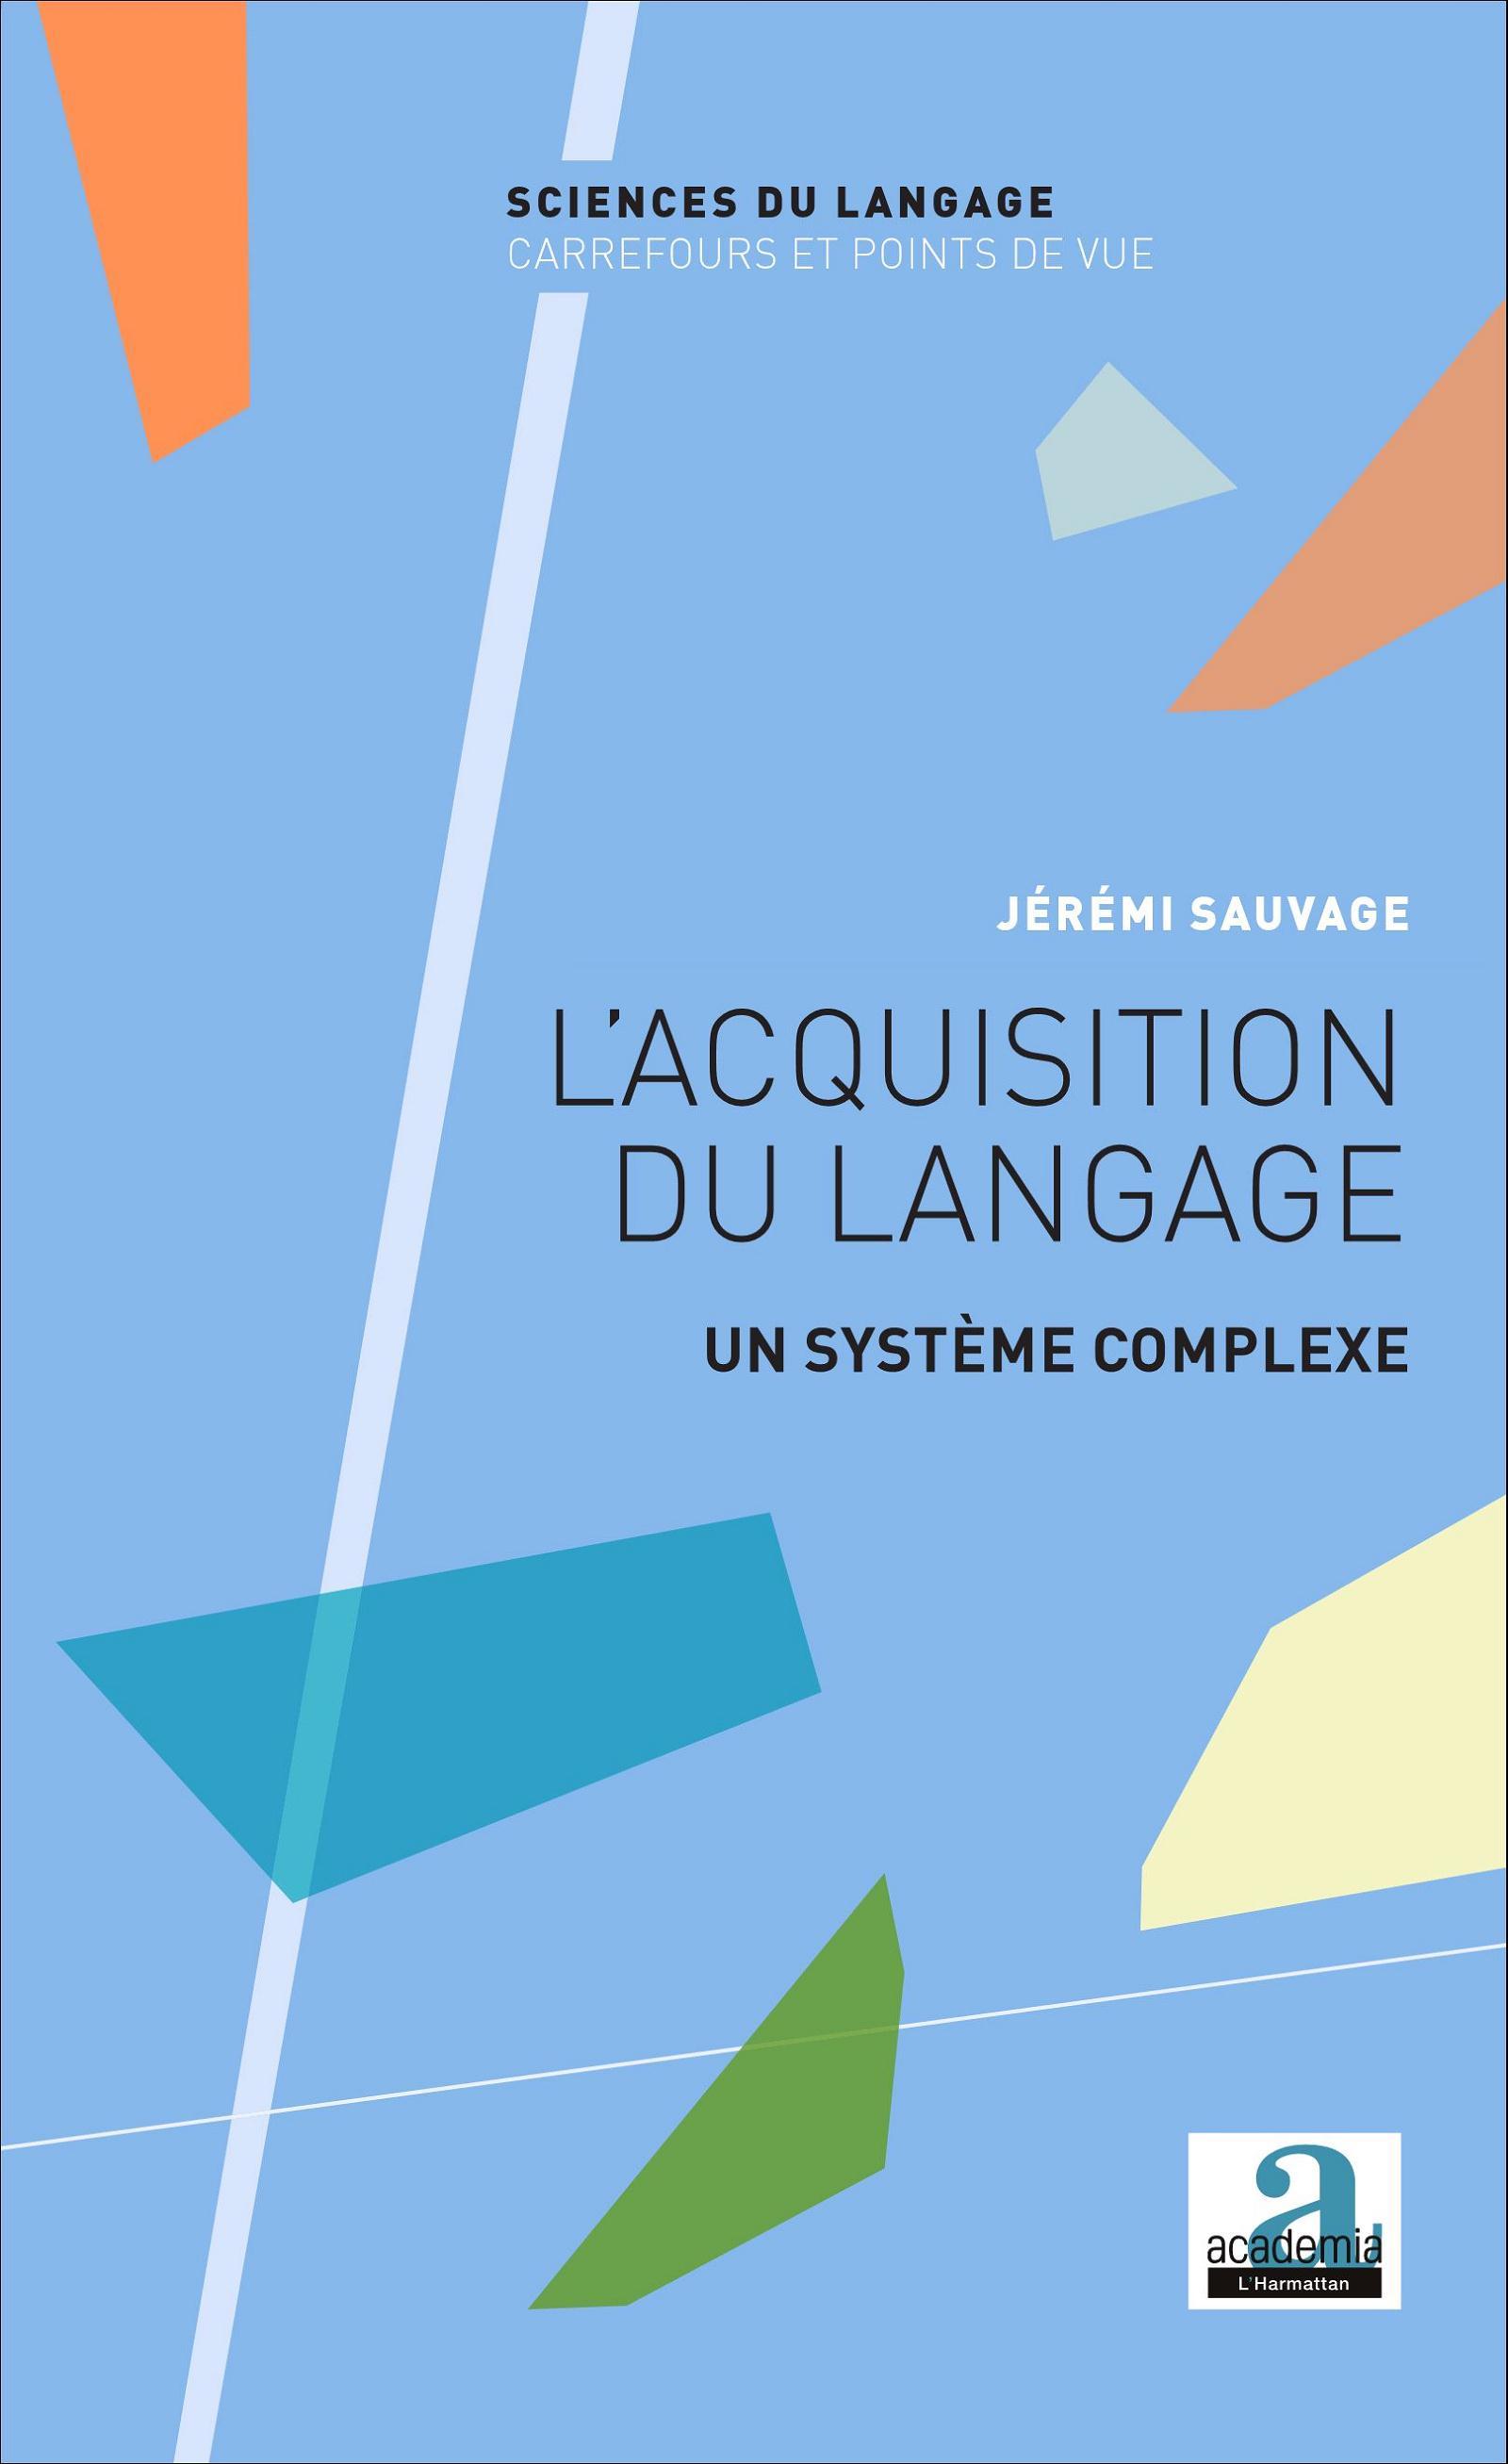 J. Sauvage, L'acquisition du langage